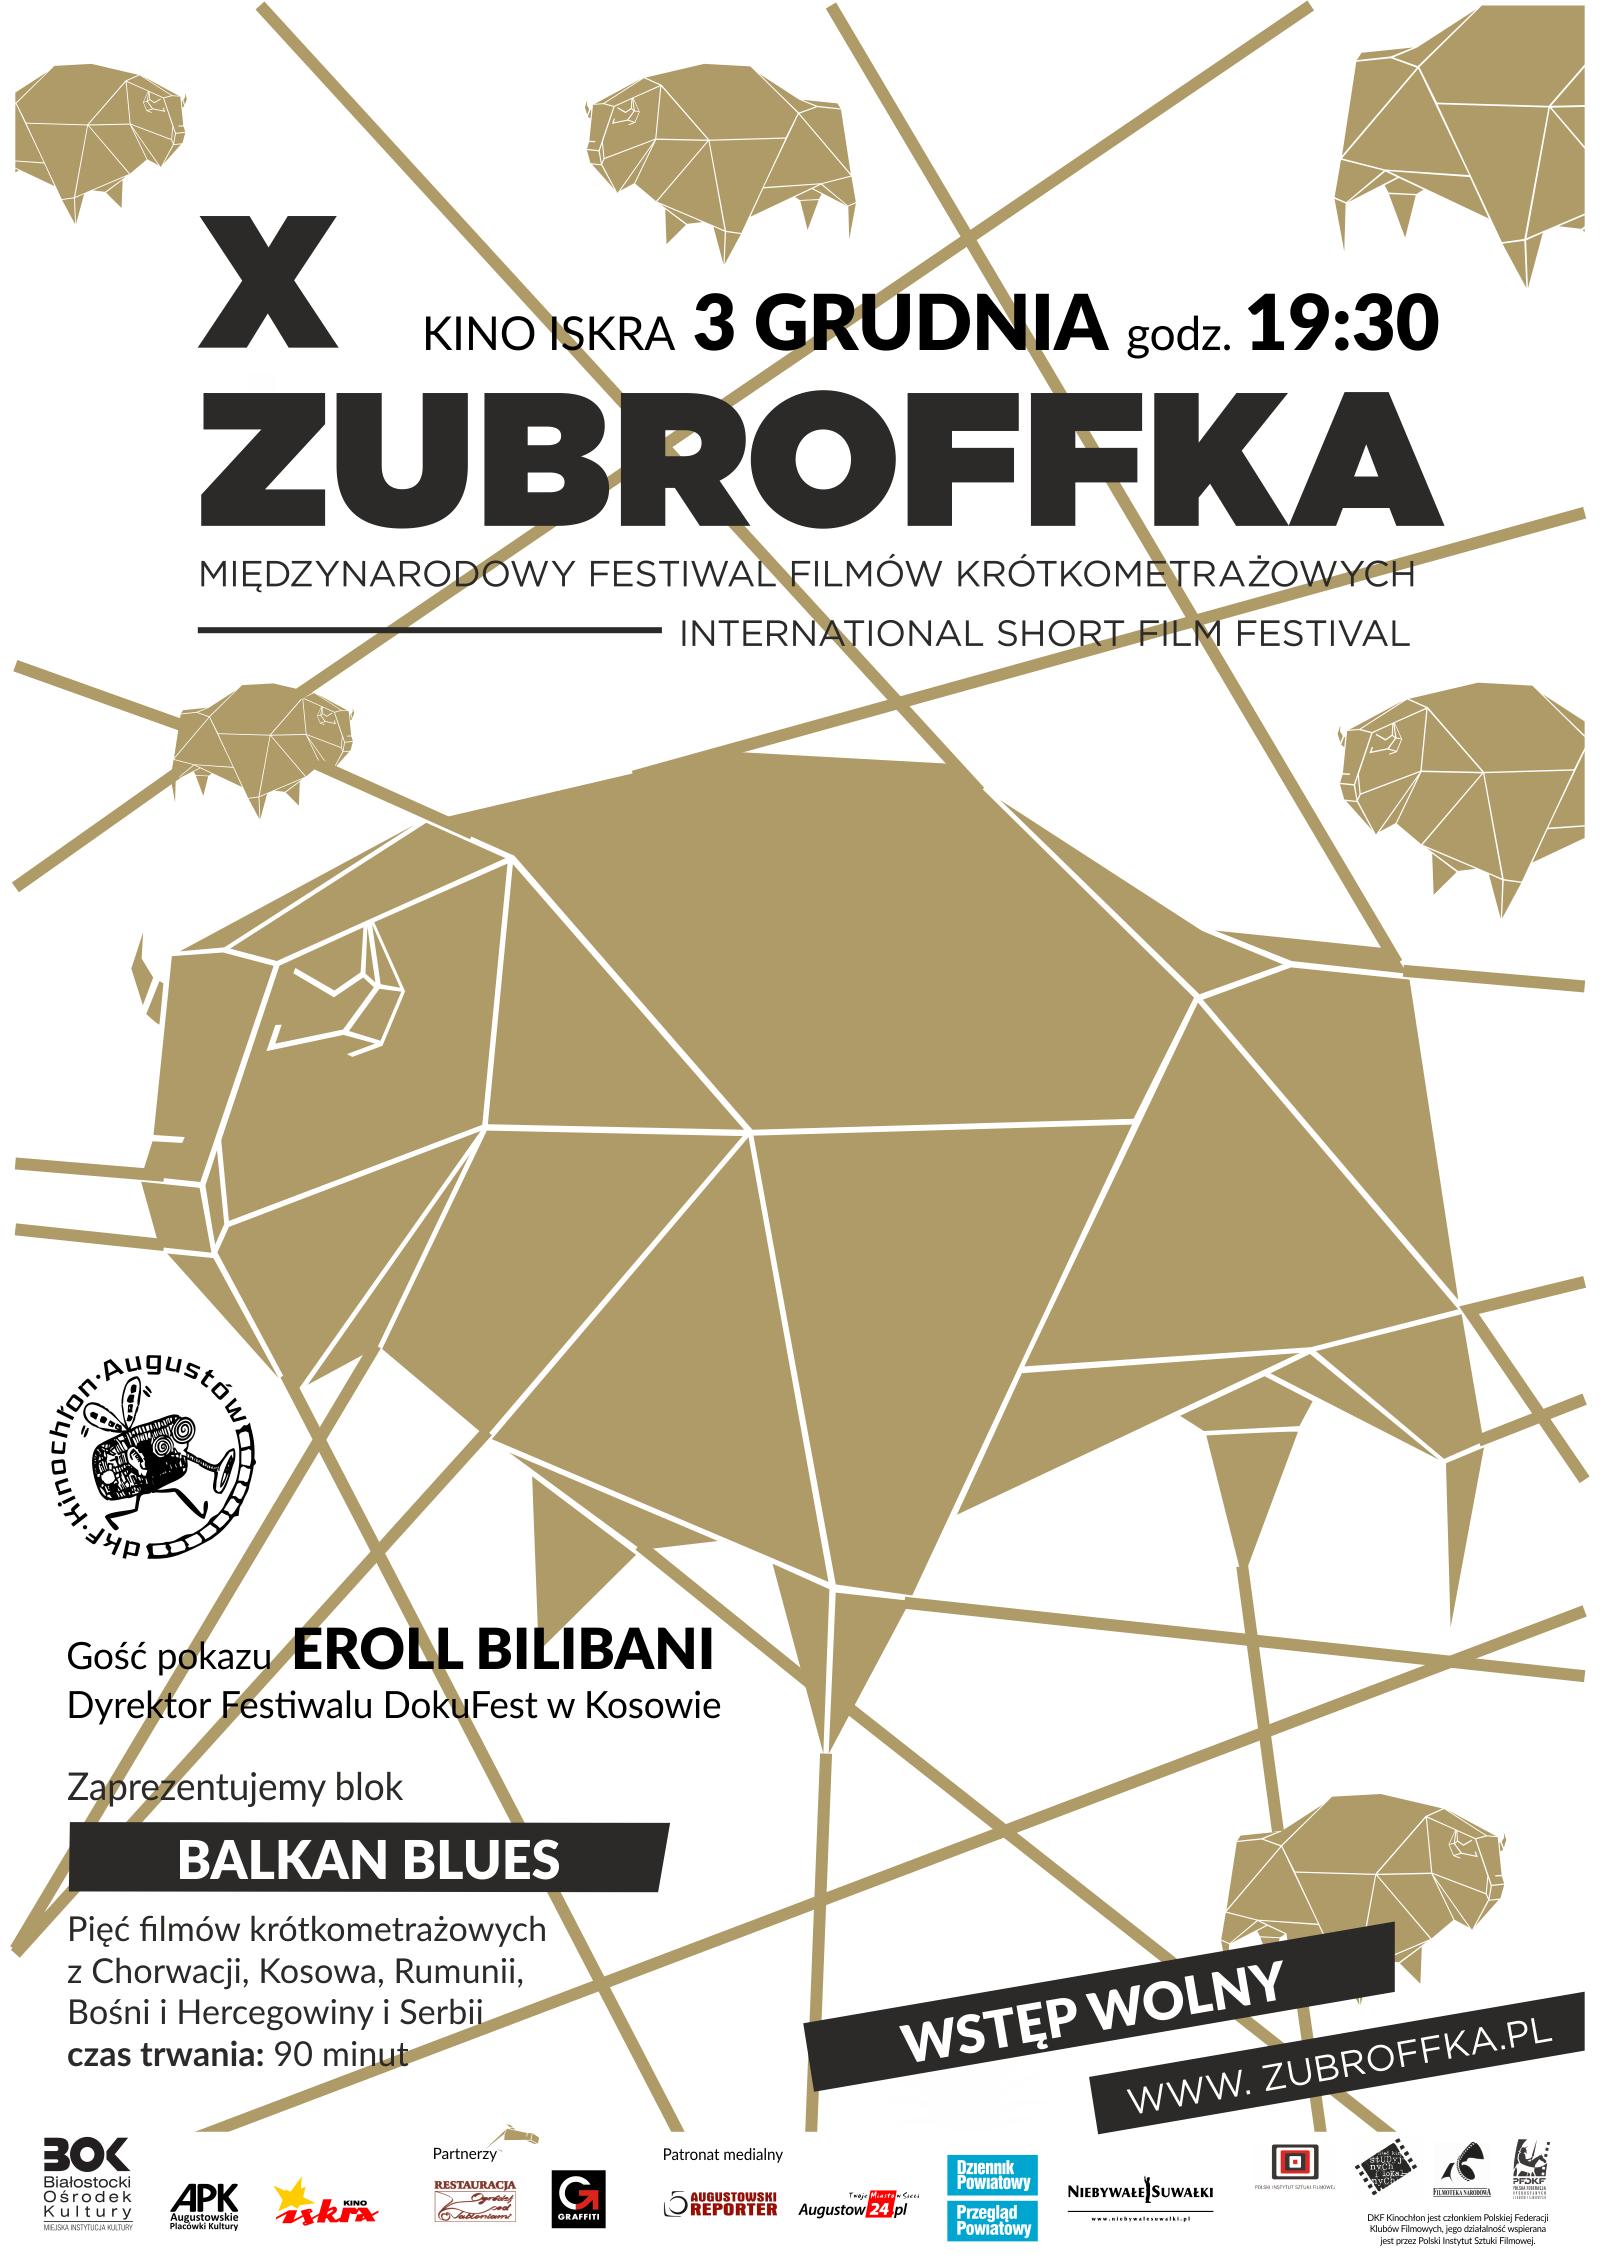 Plakat: Festiwal filmów krótkometrażowych, pięć filmów z Bośni i Hercegowiny, Rumunii, Serbii i Kosowa